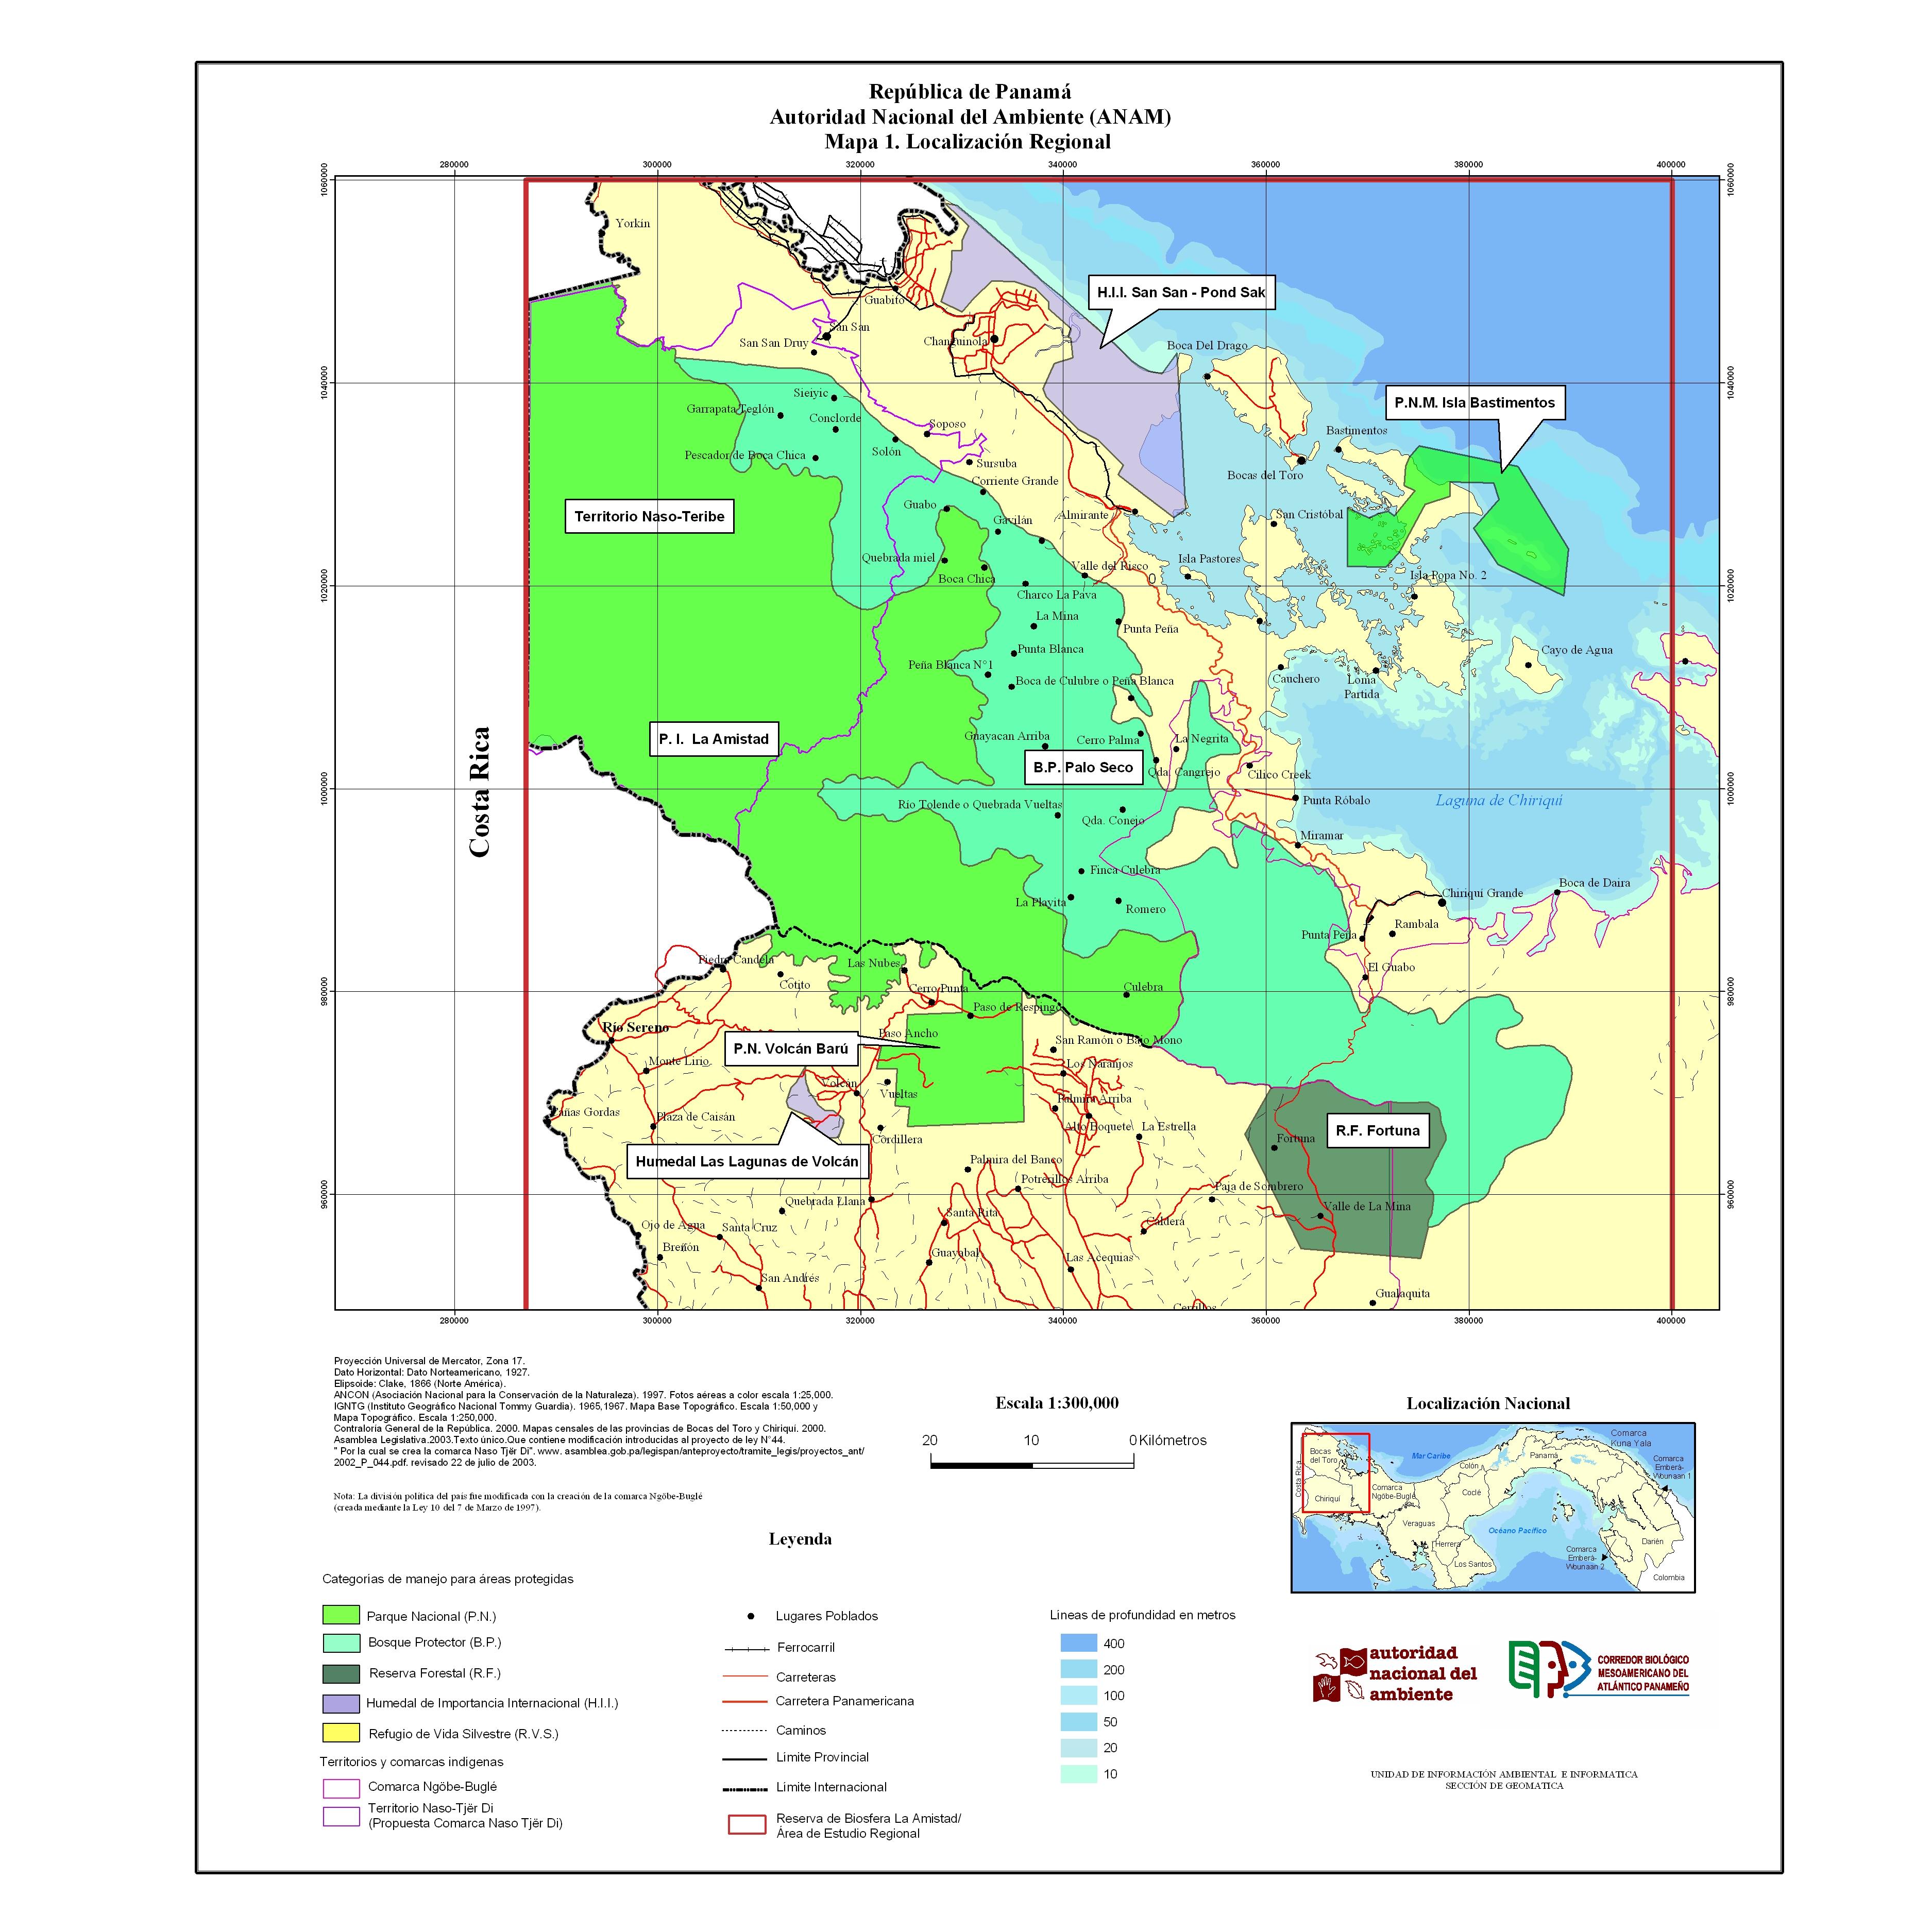 Mapa de las áreas protegidas y áreas indigenas que comprenden la Reserva de la Biósfera La Amistad Panamá